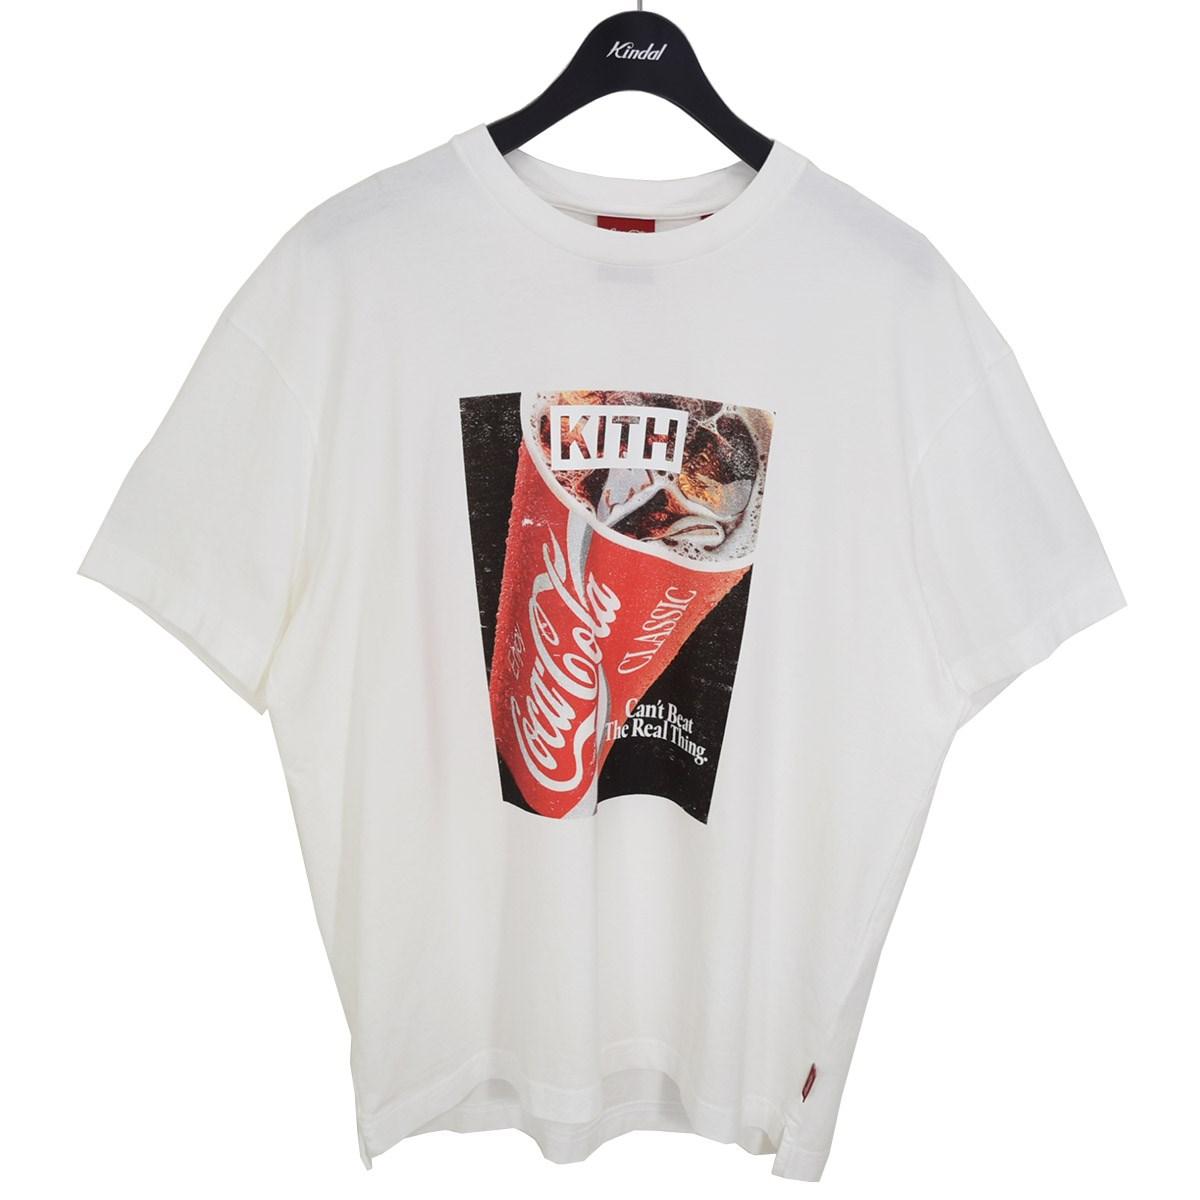 キス × コカコーラ ストアー 中古 KITH Coca Cola Soft コーラソフトドリンクヴィンテージTシャツ 270721 ホワイト 永遠の定番モデル Vintage サイズ:S Drink Tee